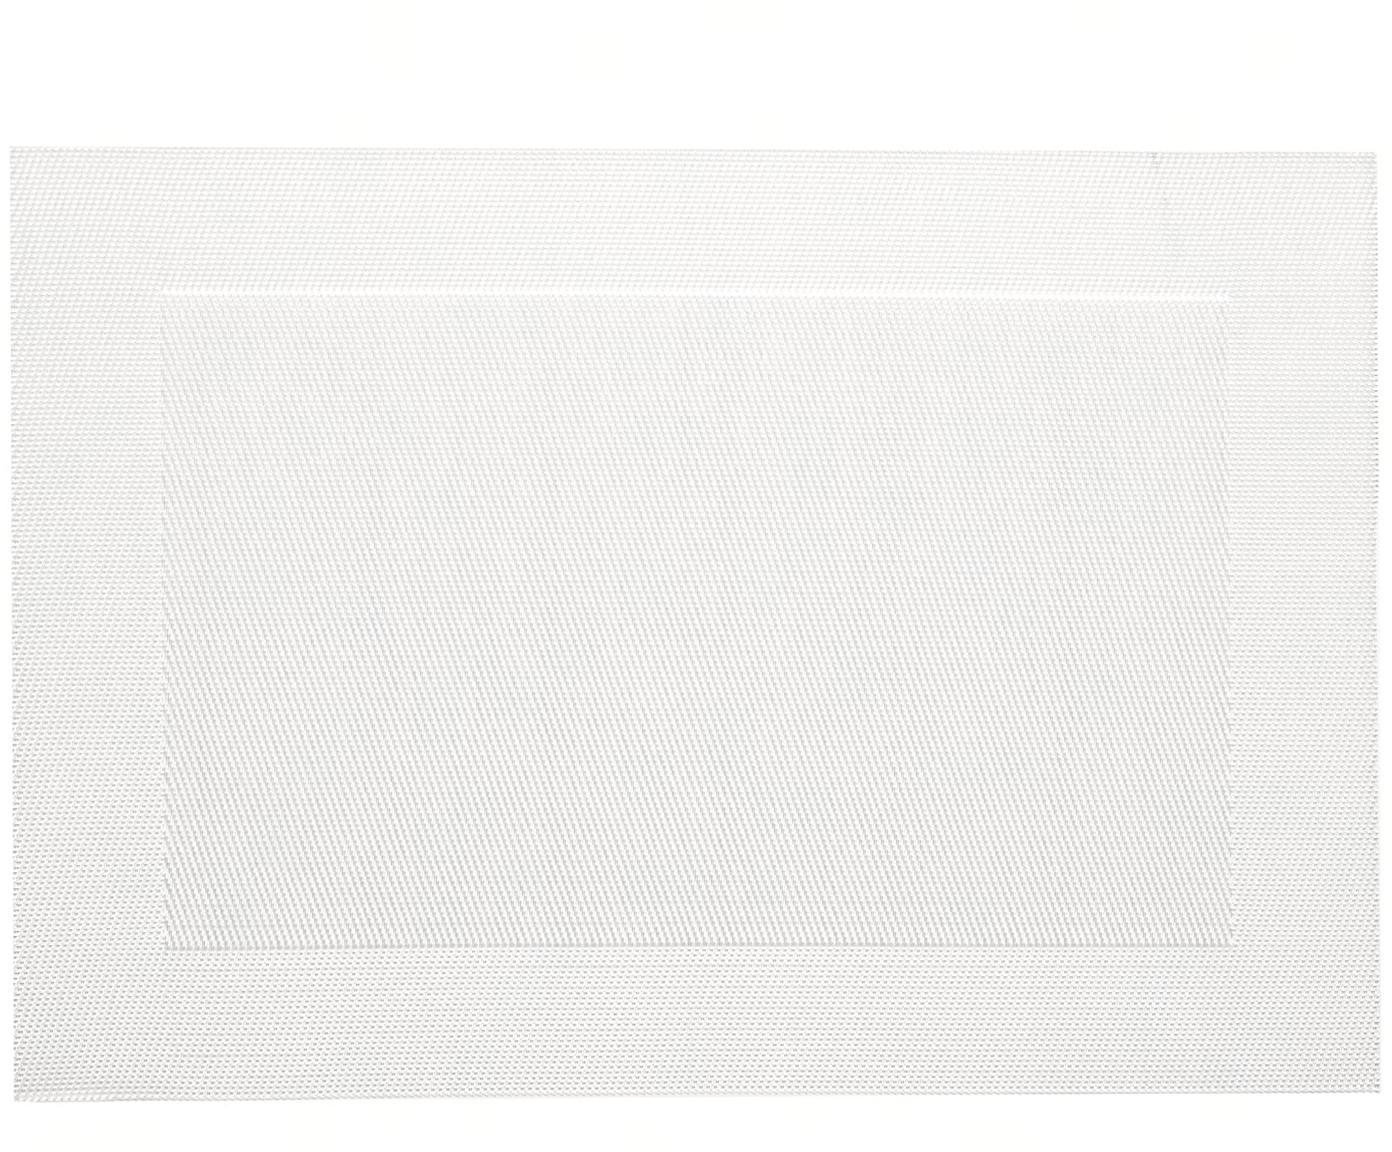 Podkładka z tworzywa sztucznego Modern, 2 szt., Tworzywo sztuczne, Perłowy, 33 x 46 cm